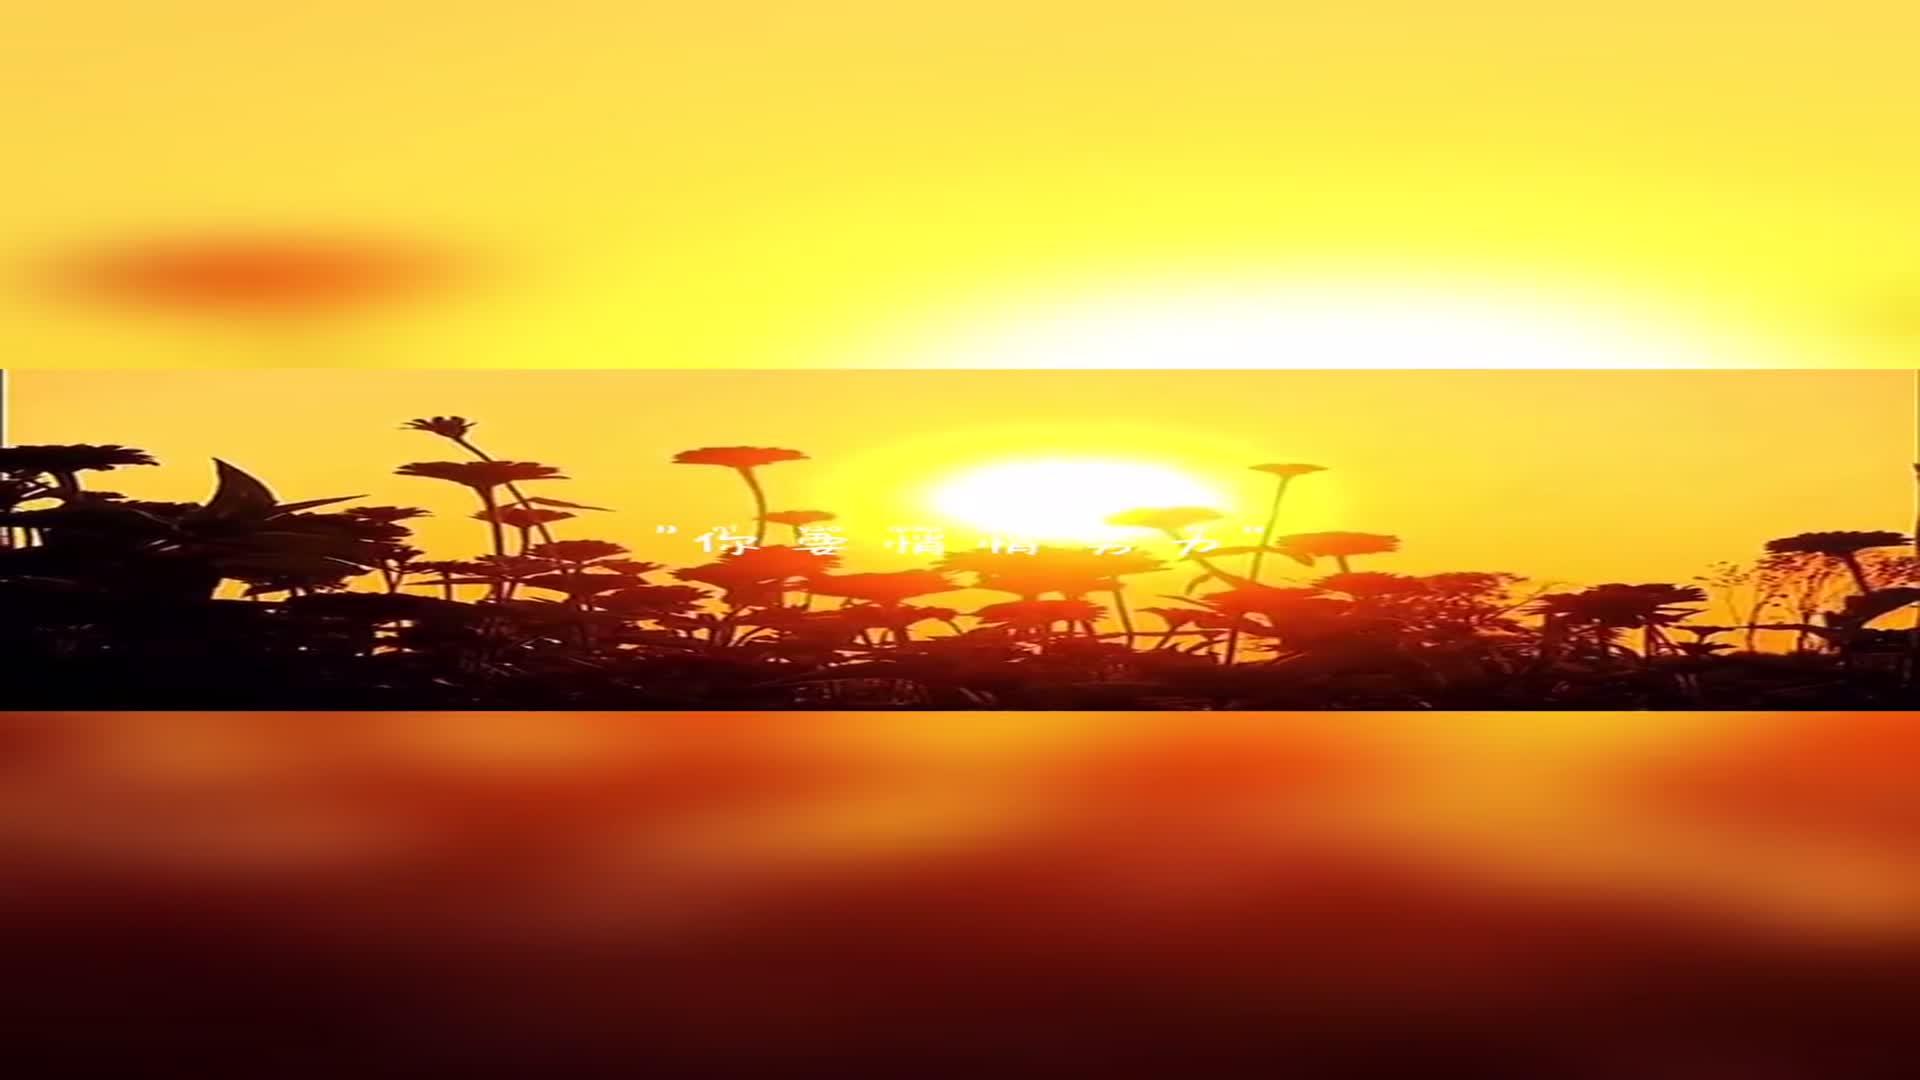 落日,就像是一幅会流动的画,流动的都是最美的色彩